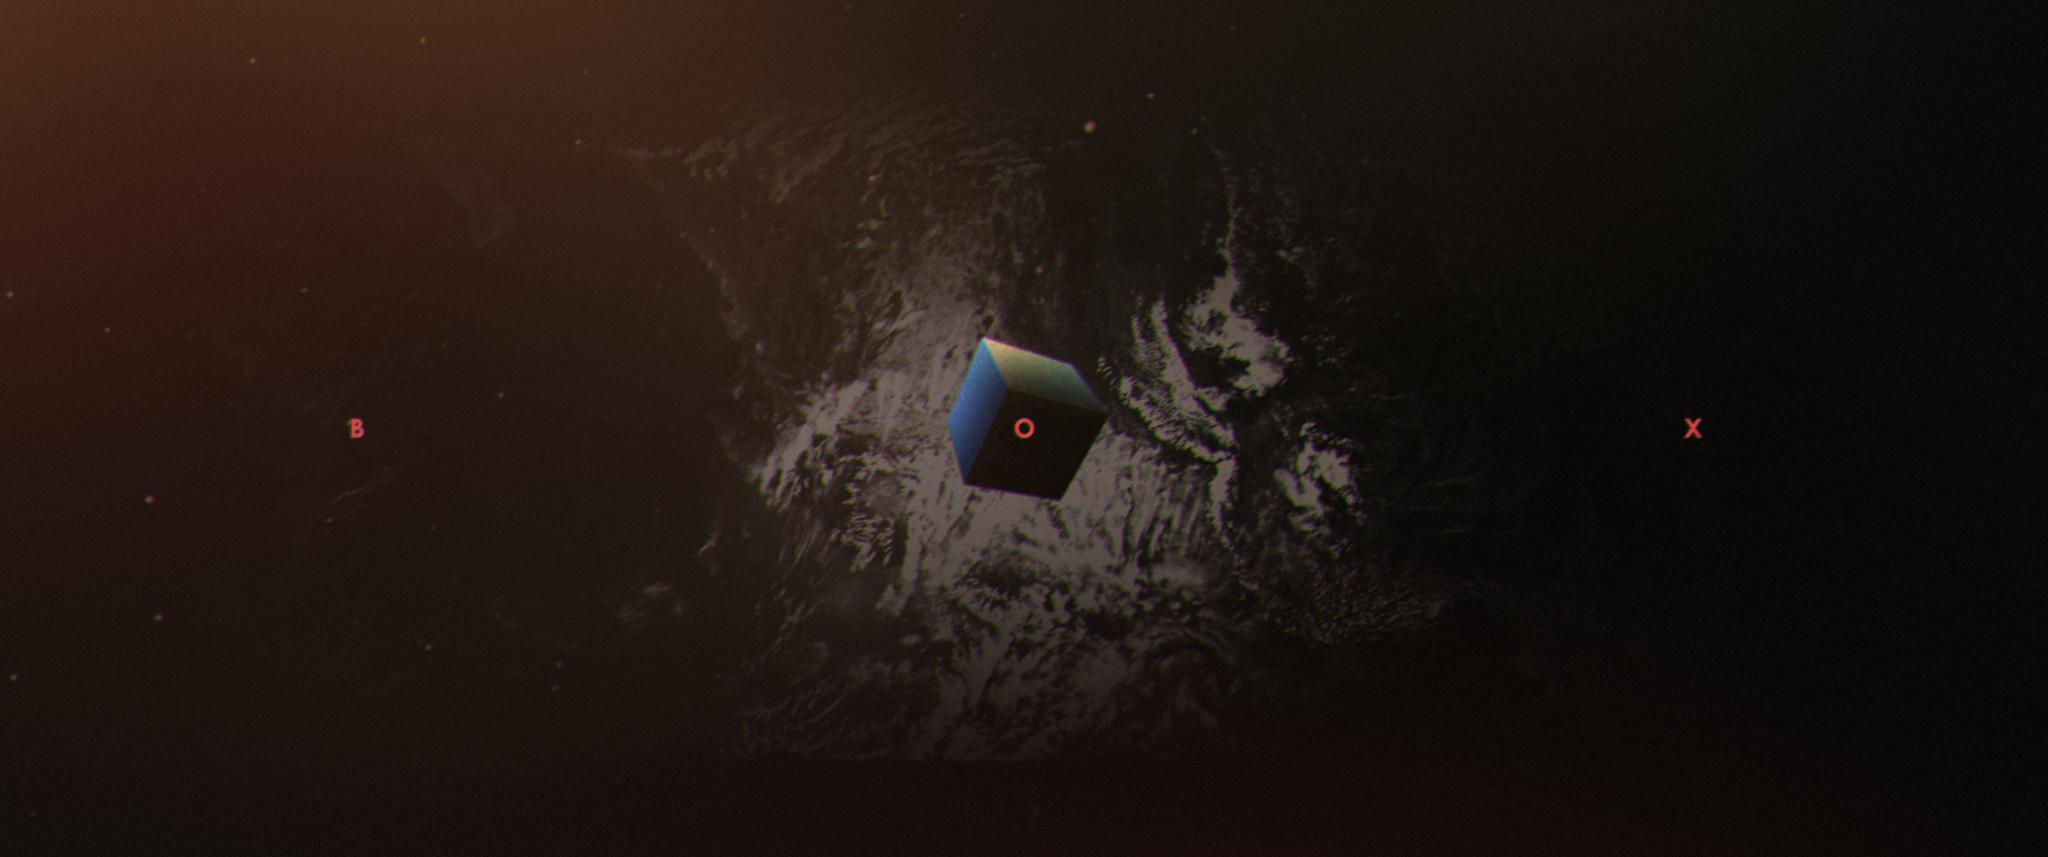 BOX_CONCEPT_WIDE_03.2 (0-00-00-00)